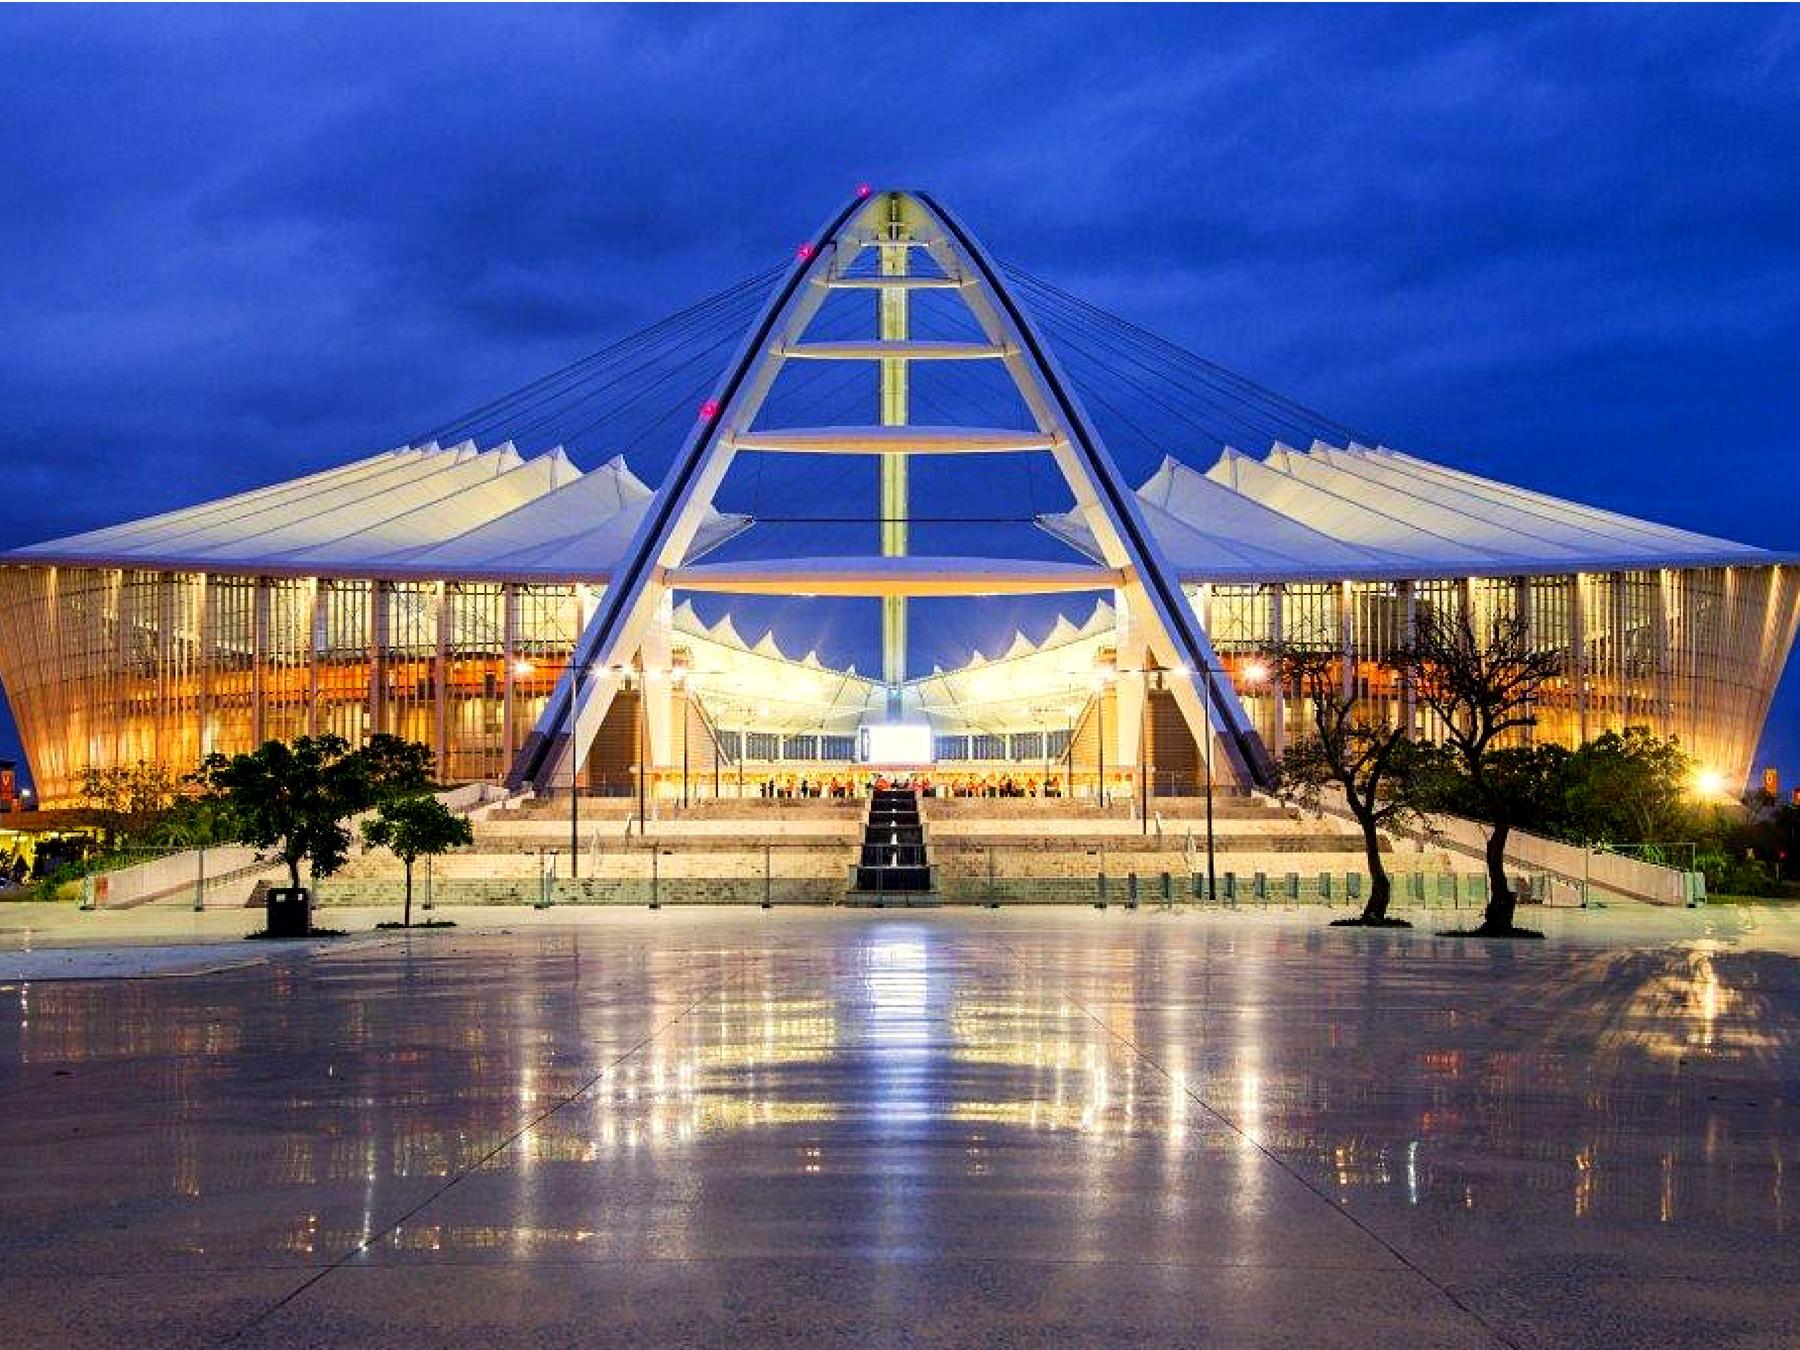 estádios-mais-legais-do-mundo-Calendário-da-copa-africa-moses Os 20 estádios mais legais do mundo Calendário Copa 2018